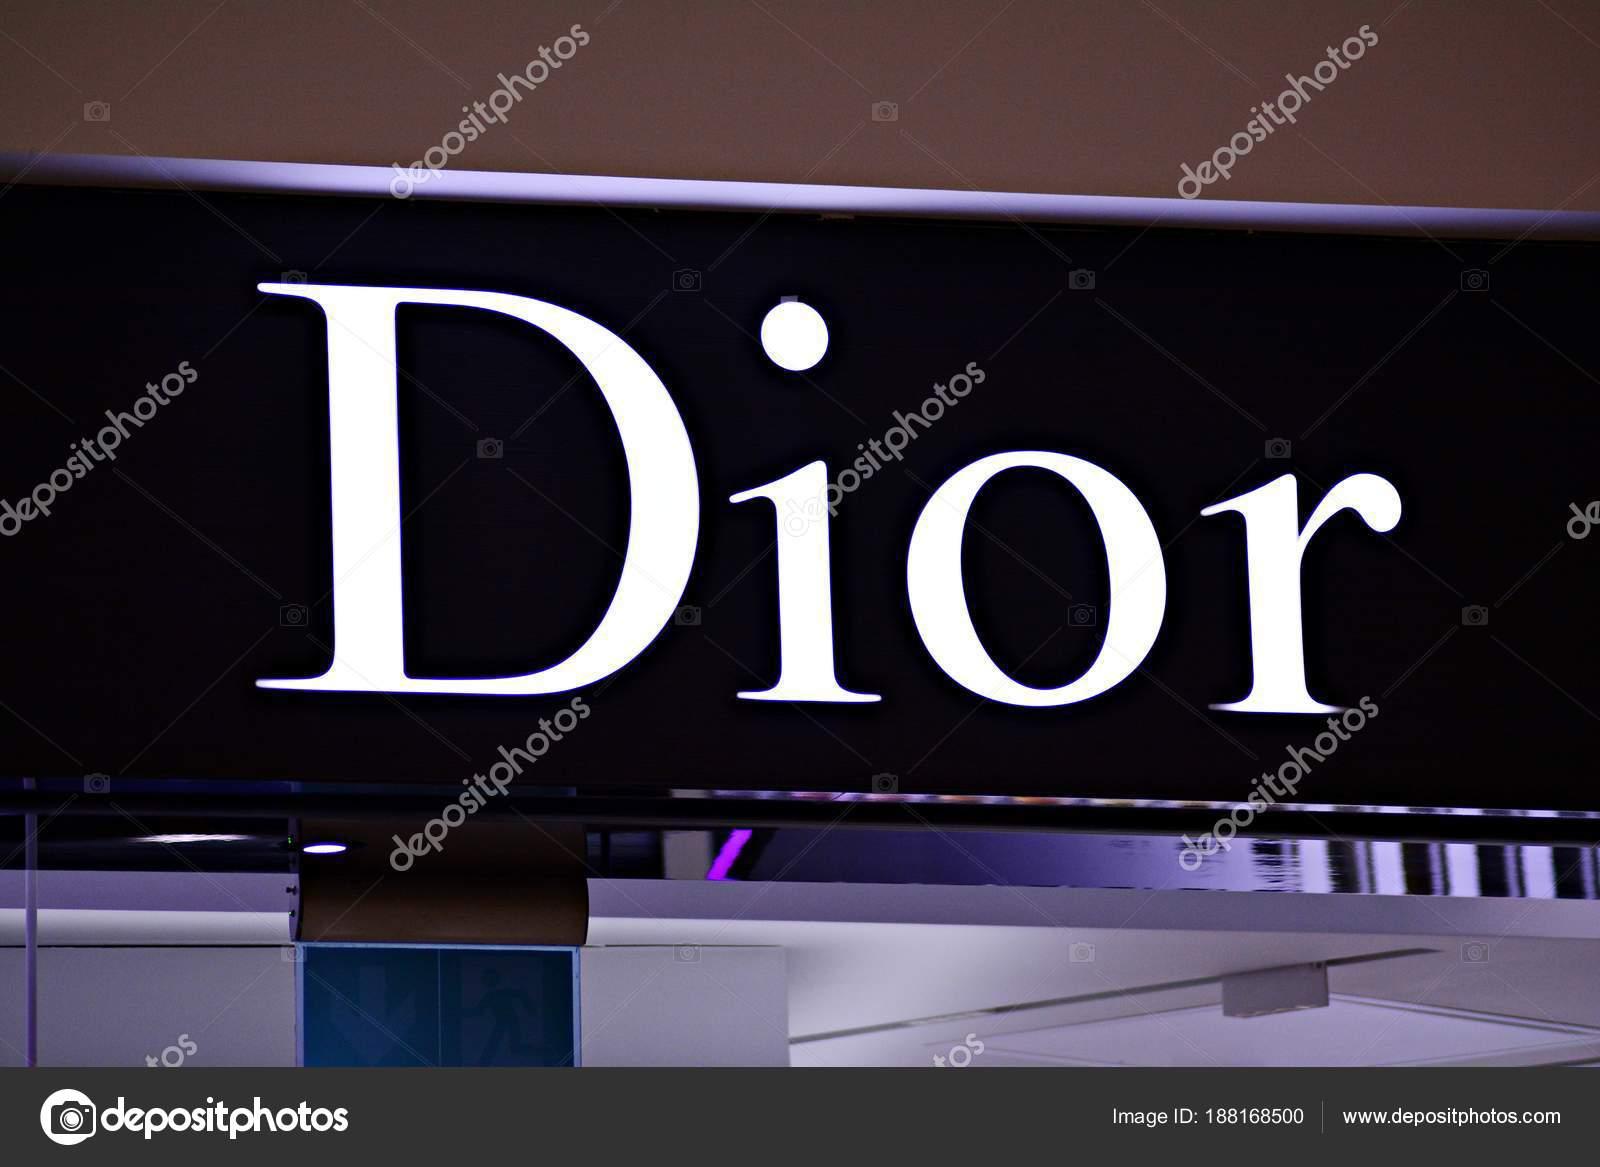 Варшава, Польша. 16 марта 2018 года. Dior знак. Компания вывеска Dior —  Фото автора grand-warszawski e3b97facf4e